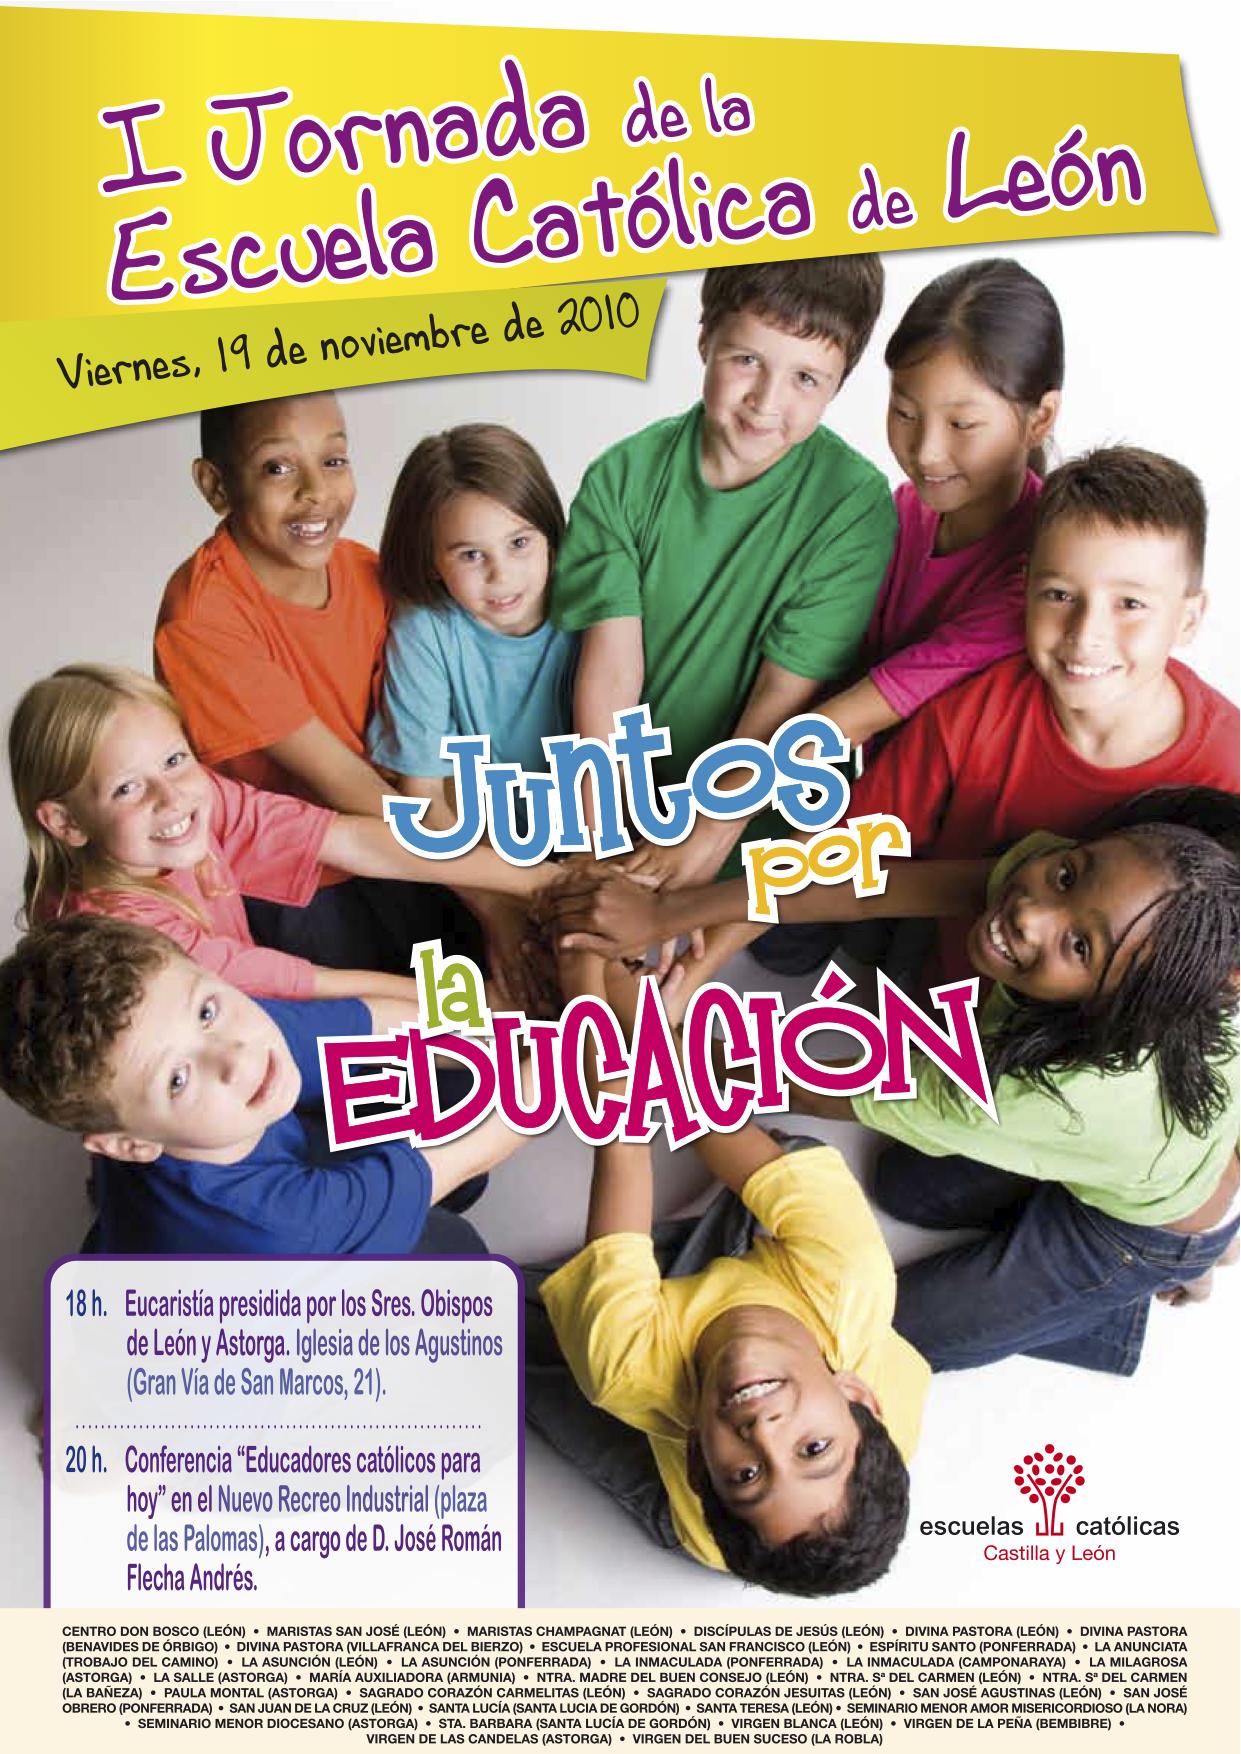 I Jornada de la Escuela Católica de León